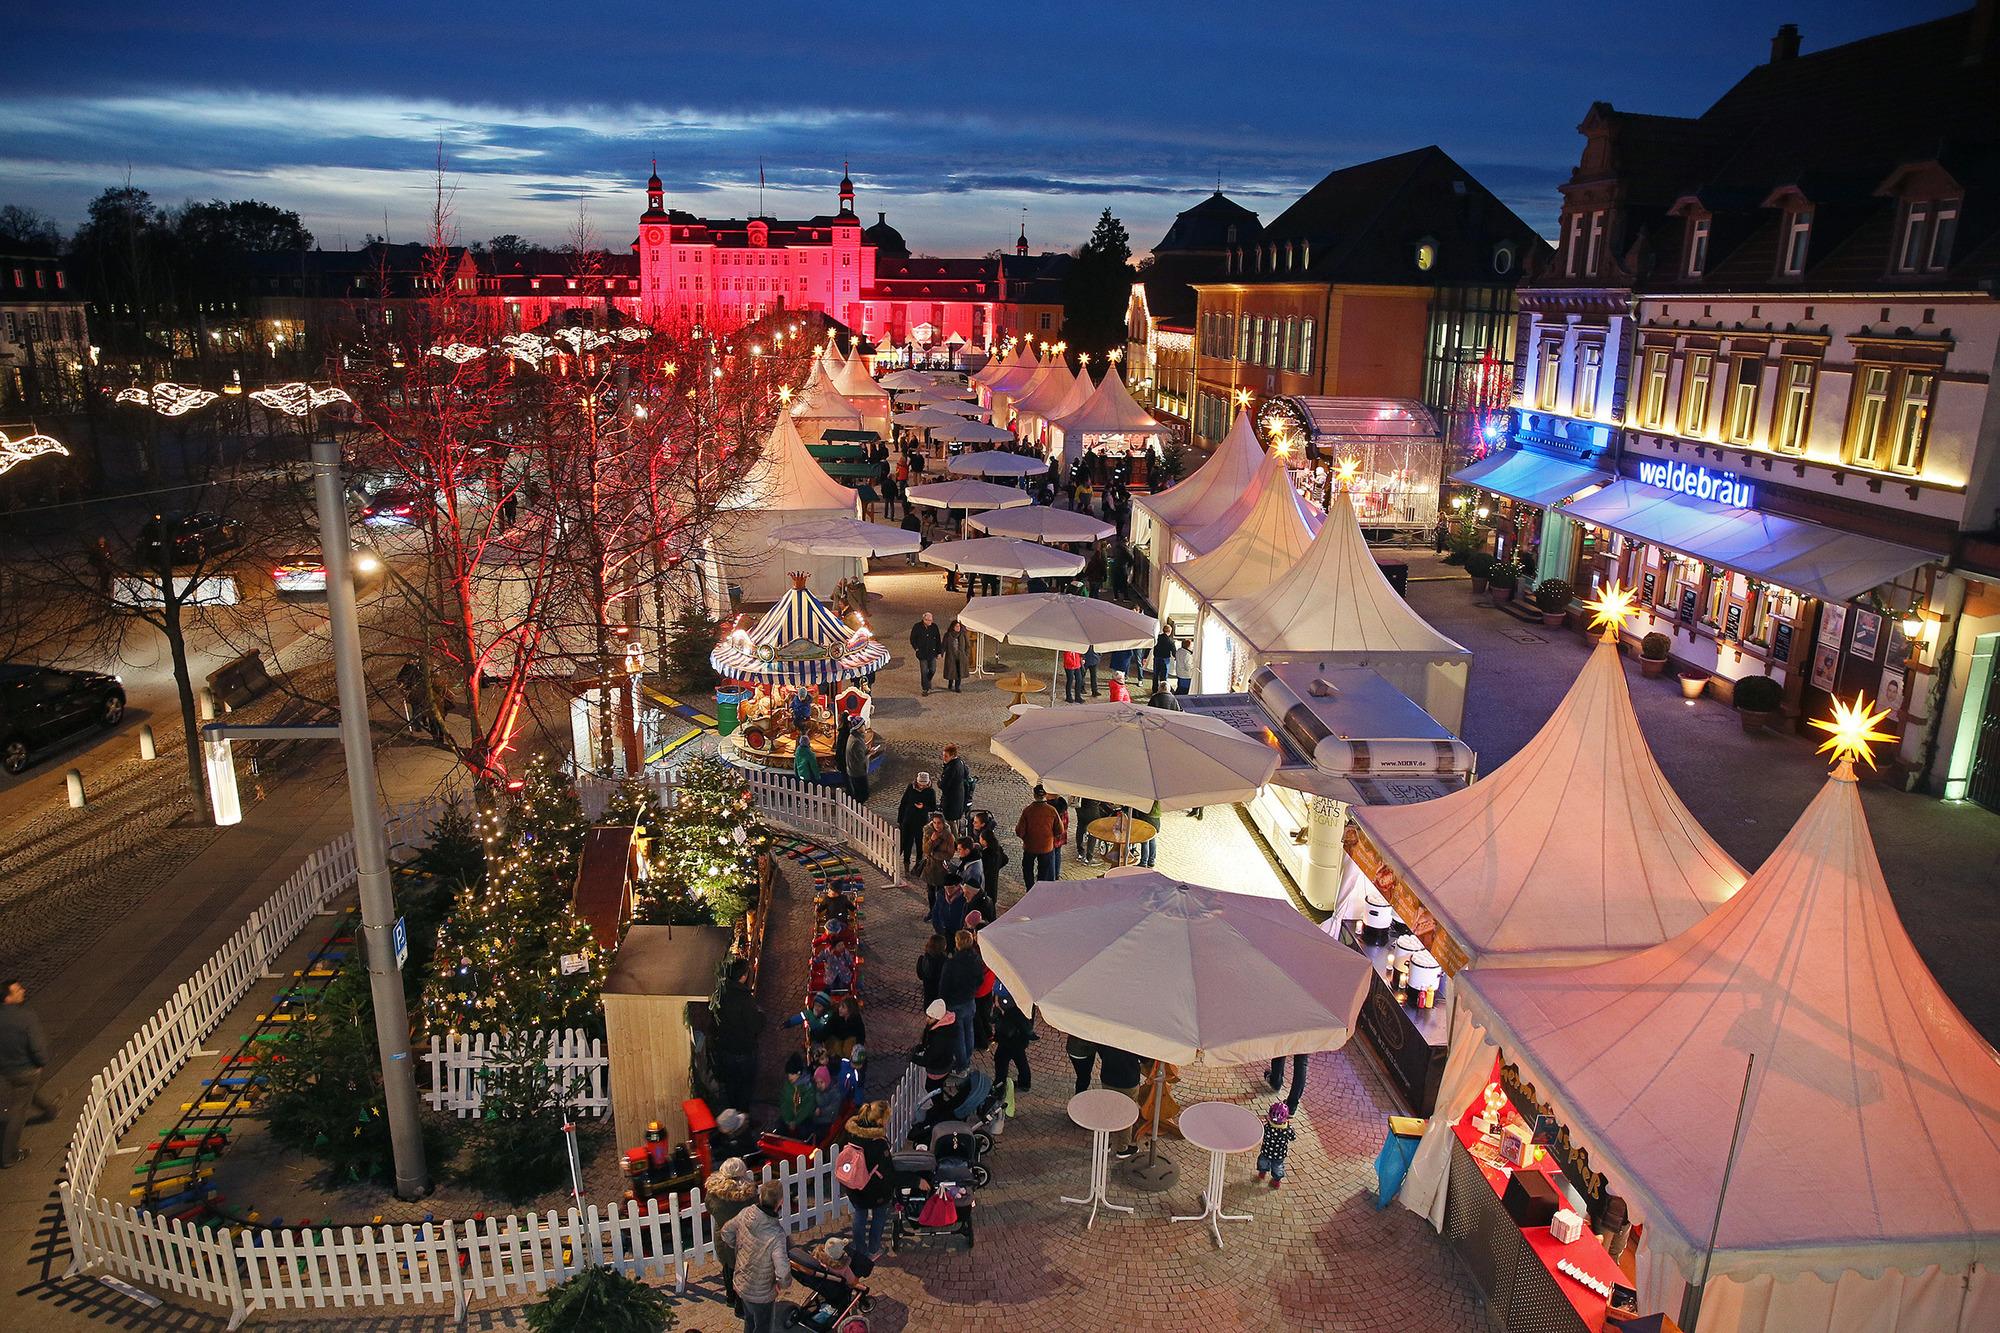 Weihnachtsmarkt Schwetzingen.Weihnachtsmarkt In Schwetzingen Es Gibt Nicht Viel Schöneres